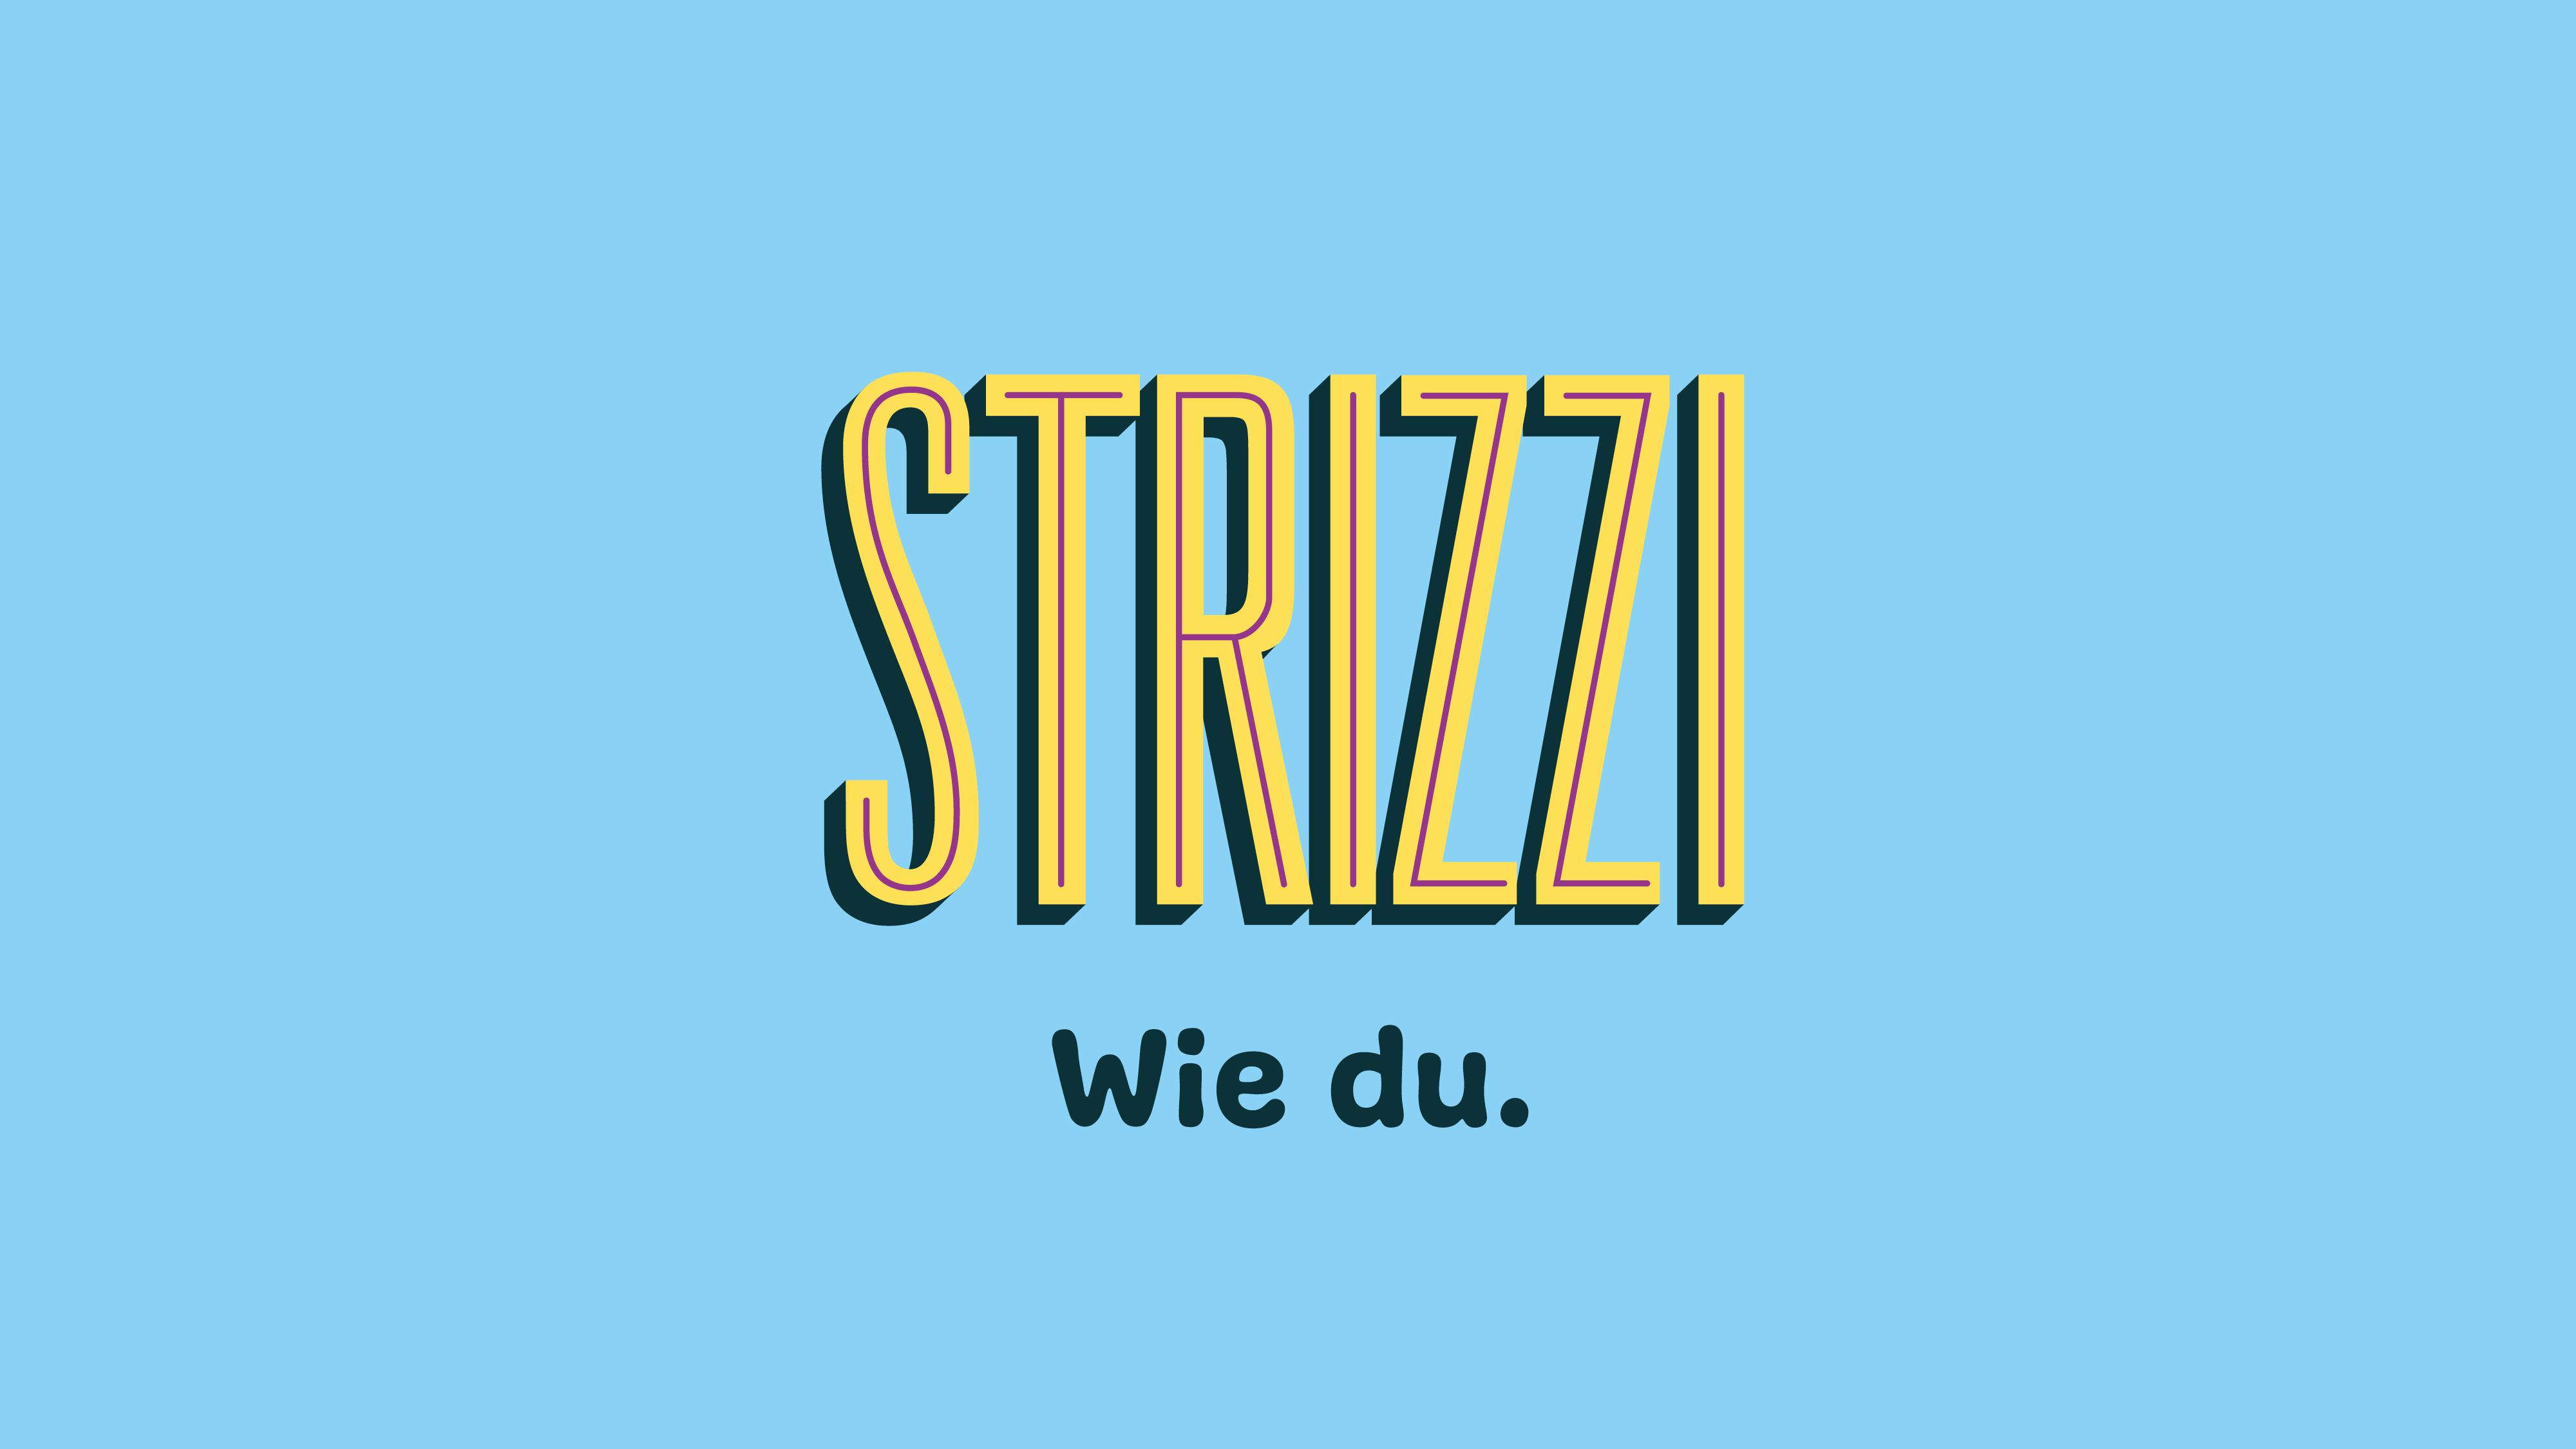 Ref Strizzi 3 Logo